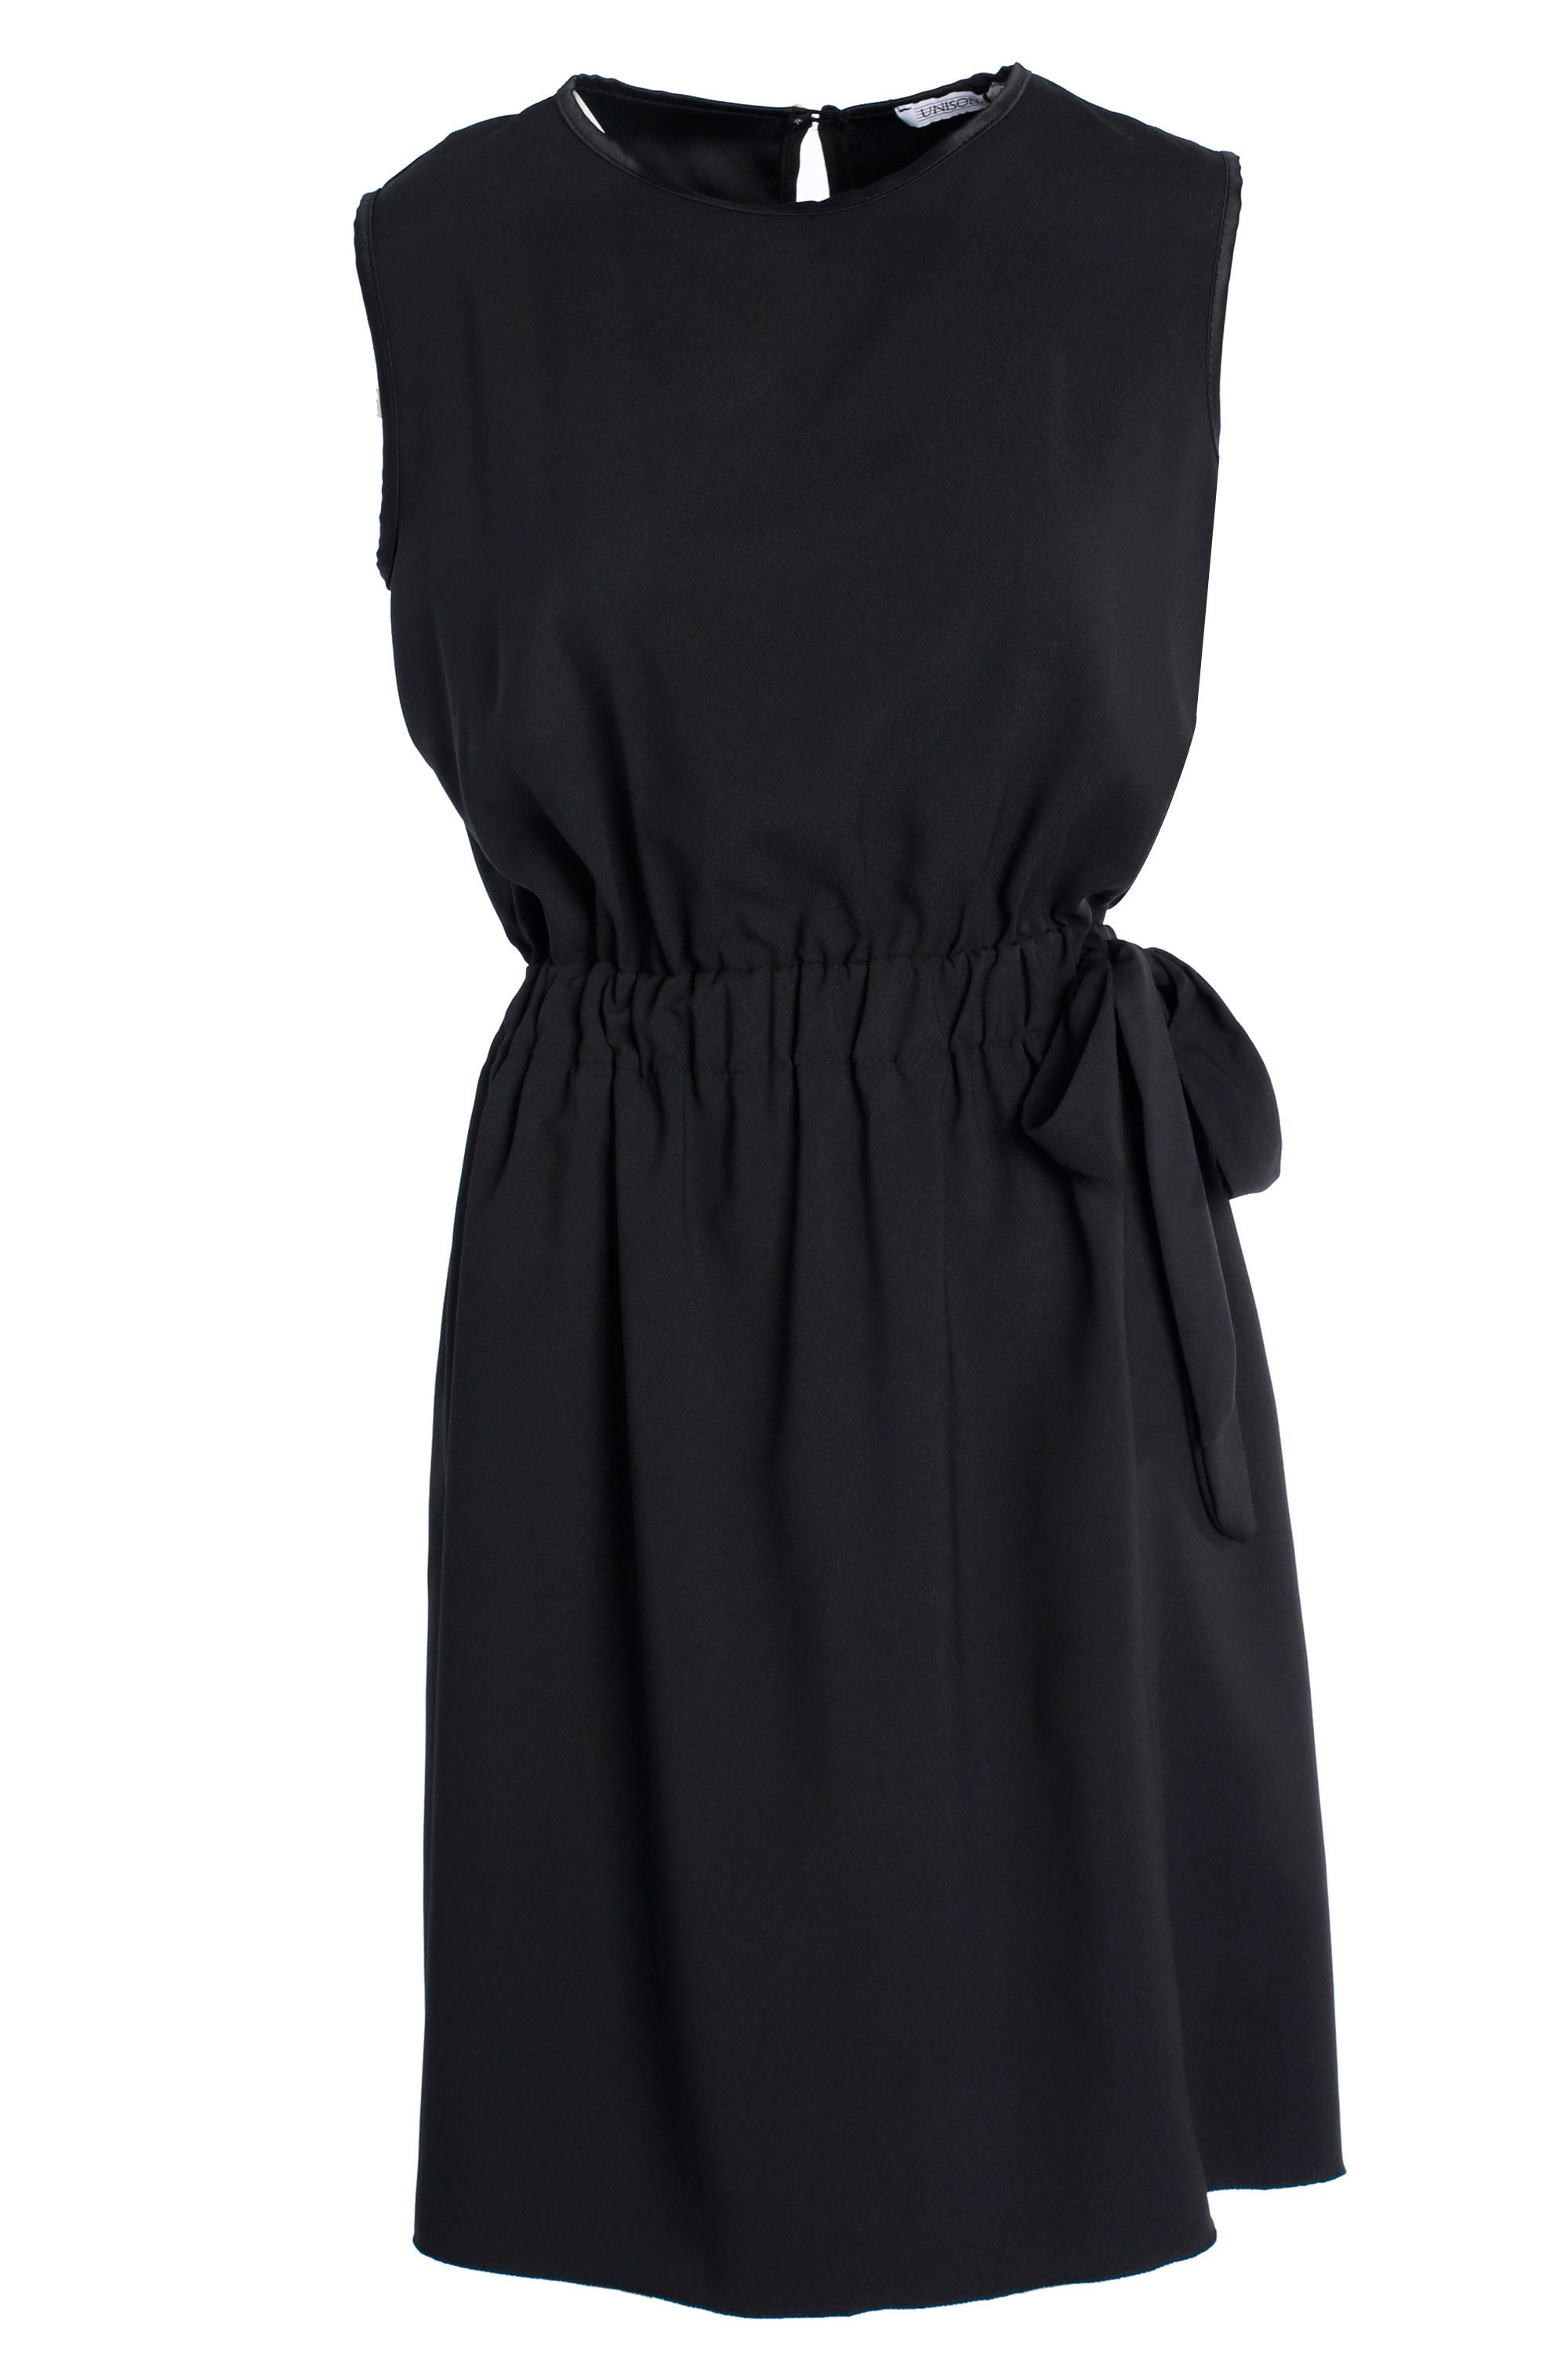 Sukienka - 102-565 NERO - Unisono